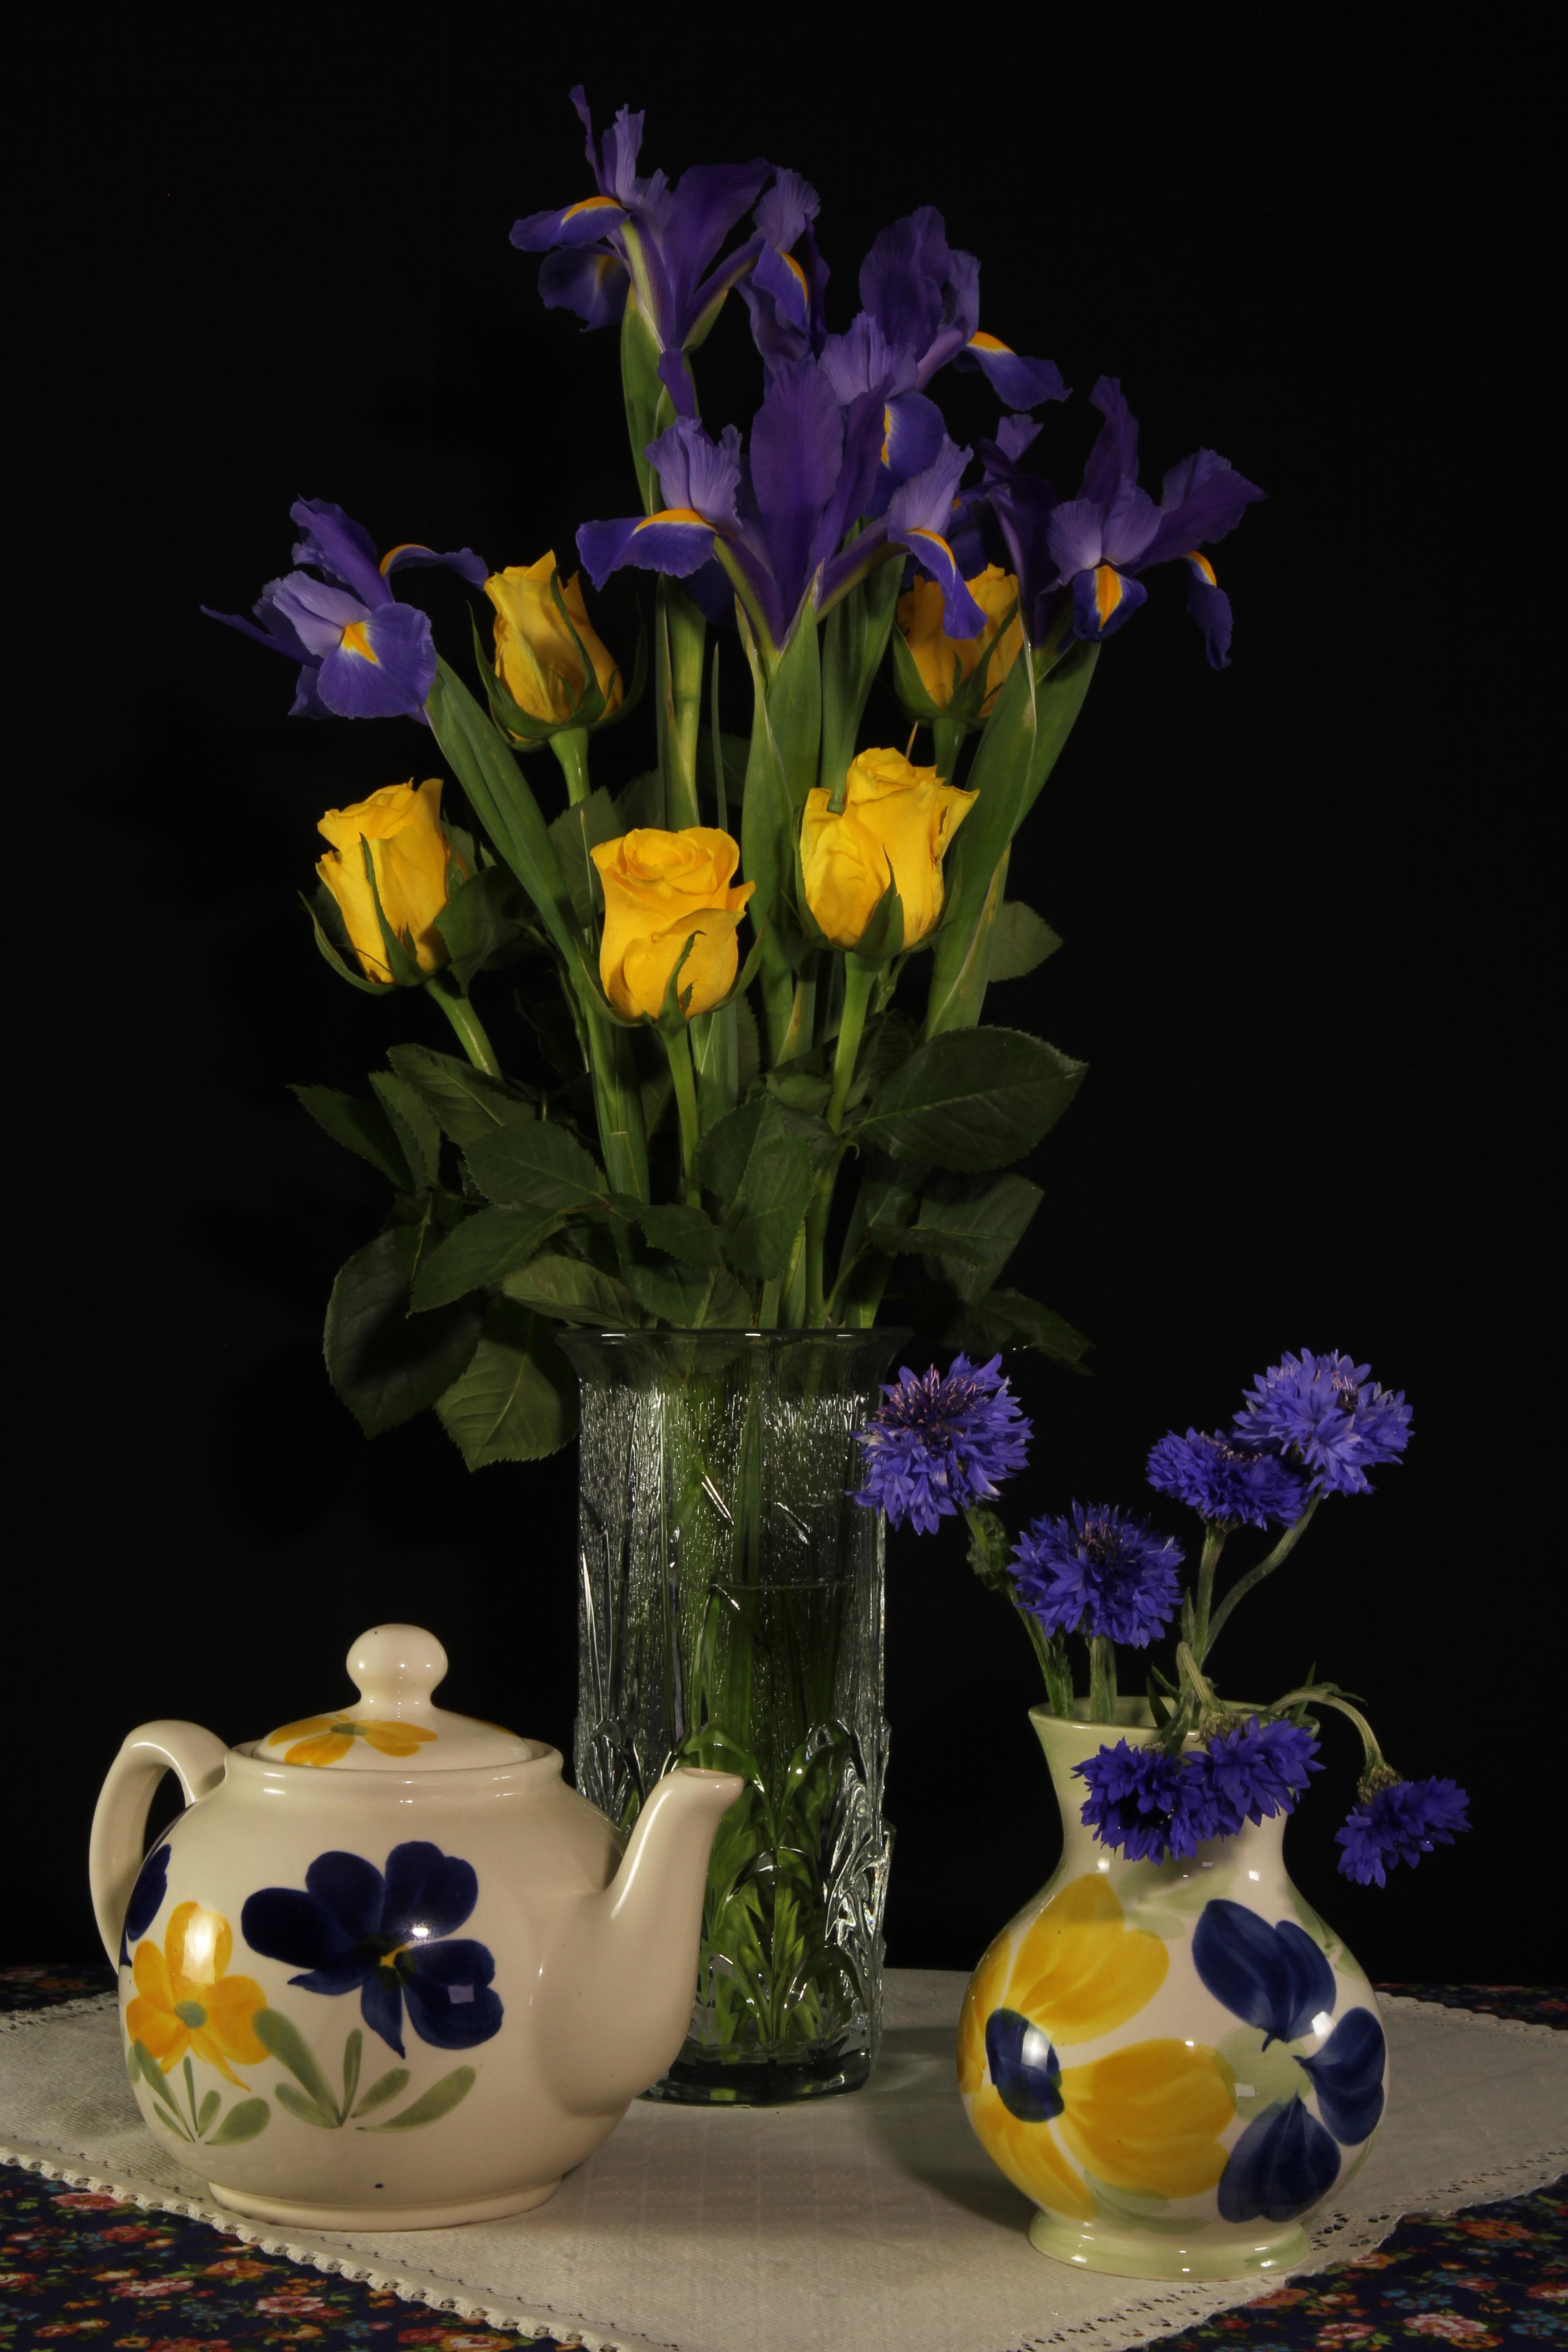 Фото роза ирис цветок Чайник Ваза Васильки Натюрморт Черный фон  для мобильного телефона Розы Цветы Ирисы вазы вазе на черном фоне